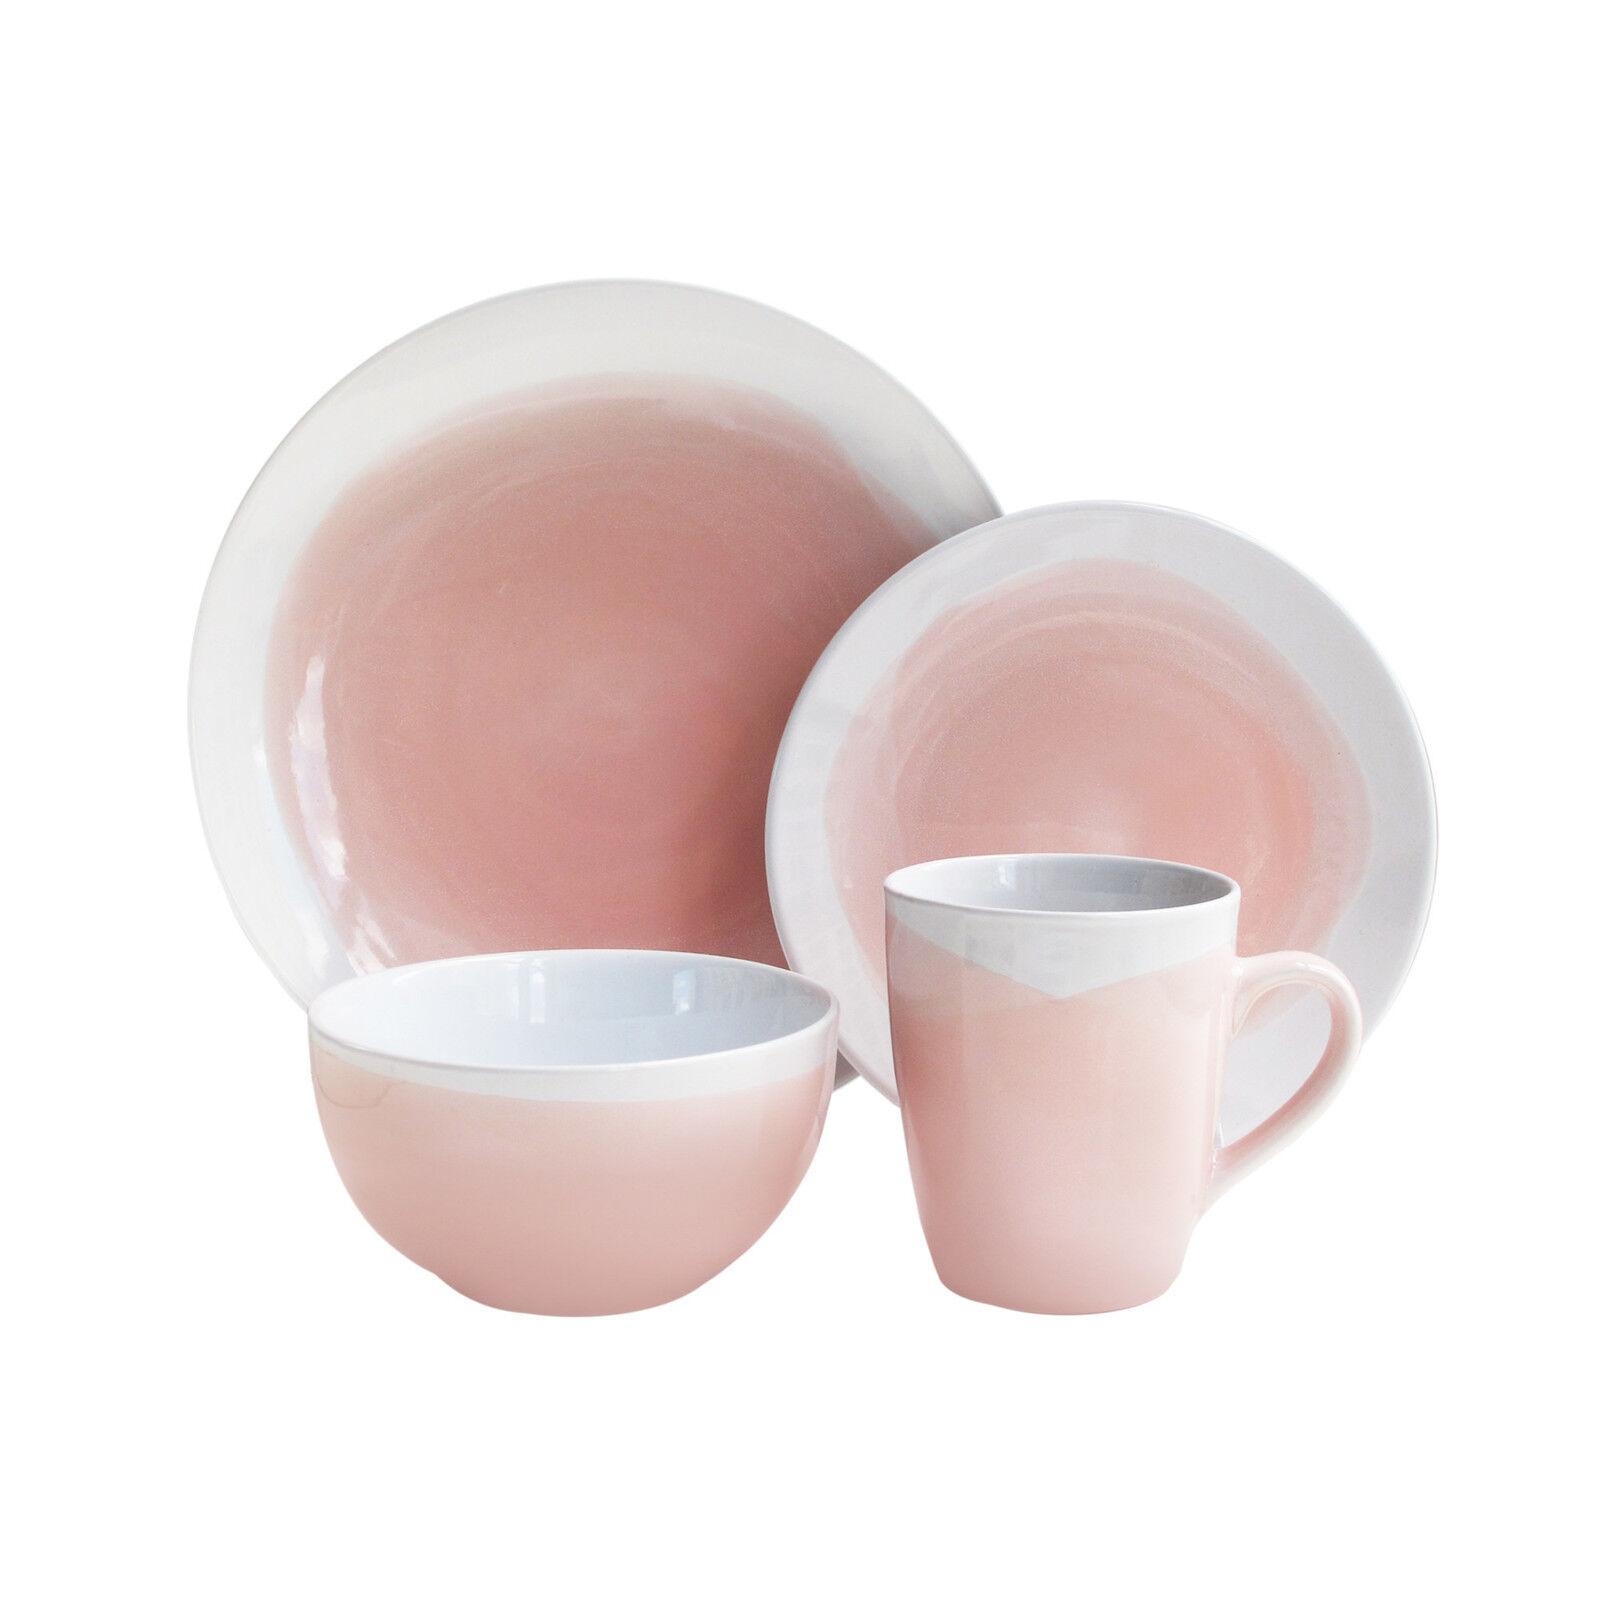 Rose Brushstroke Dinnerware Set 16 Piece DESSERT 4 Place Vaisselle Bols Tasses Assiettes